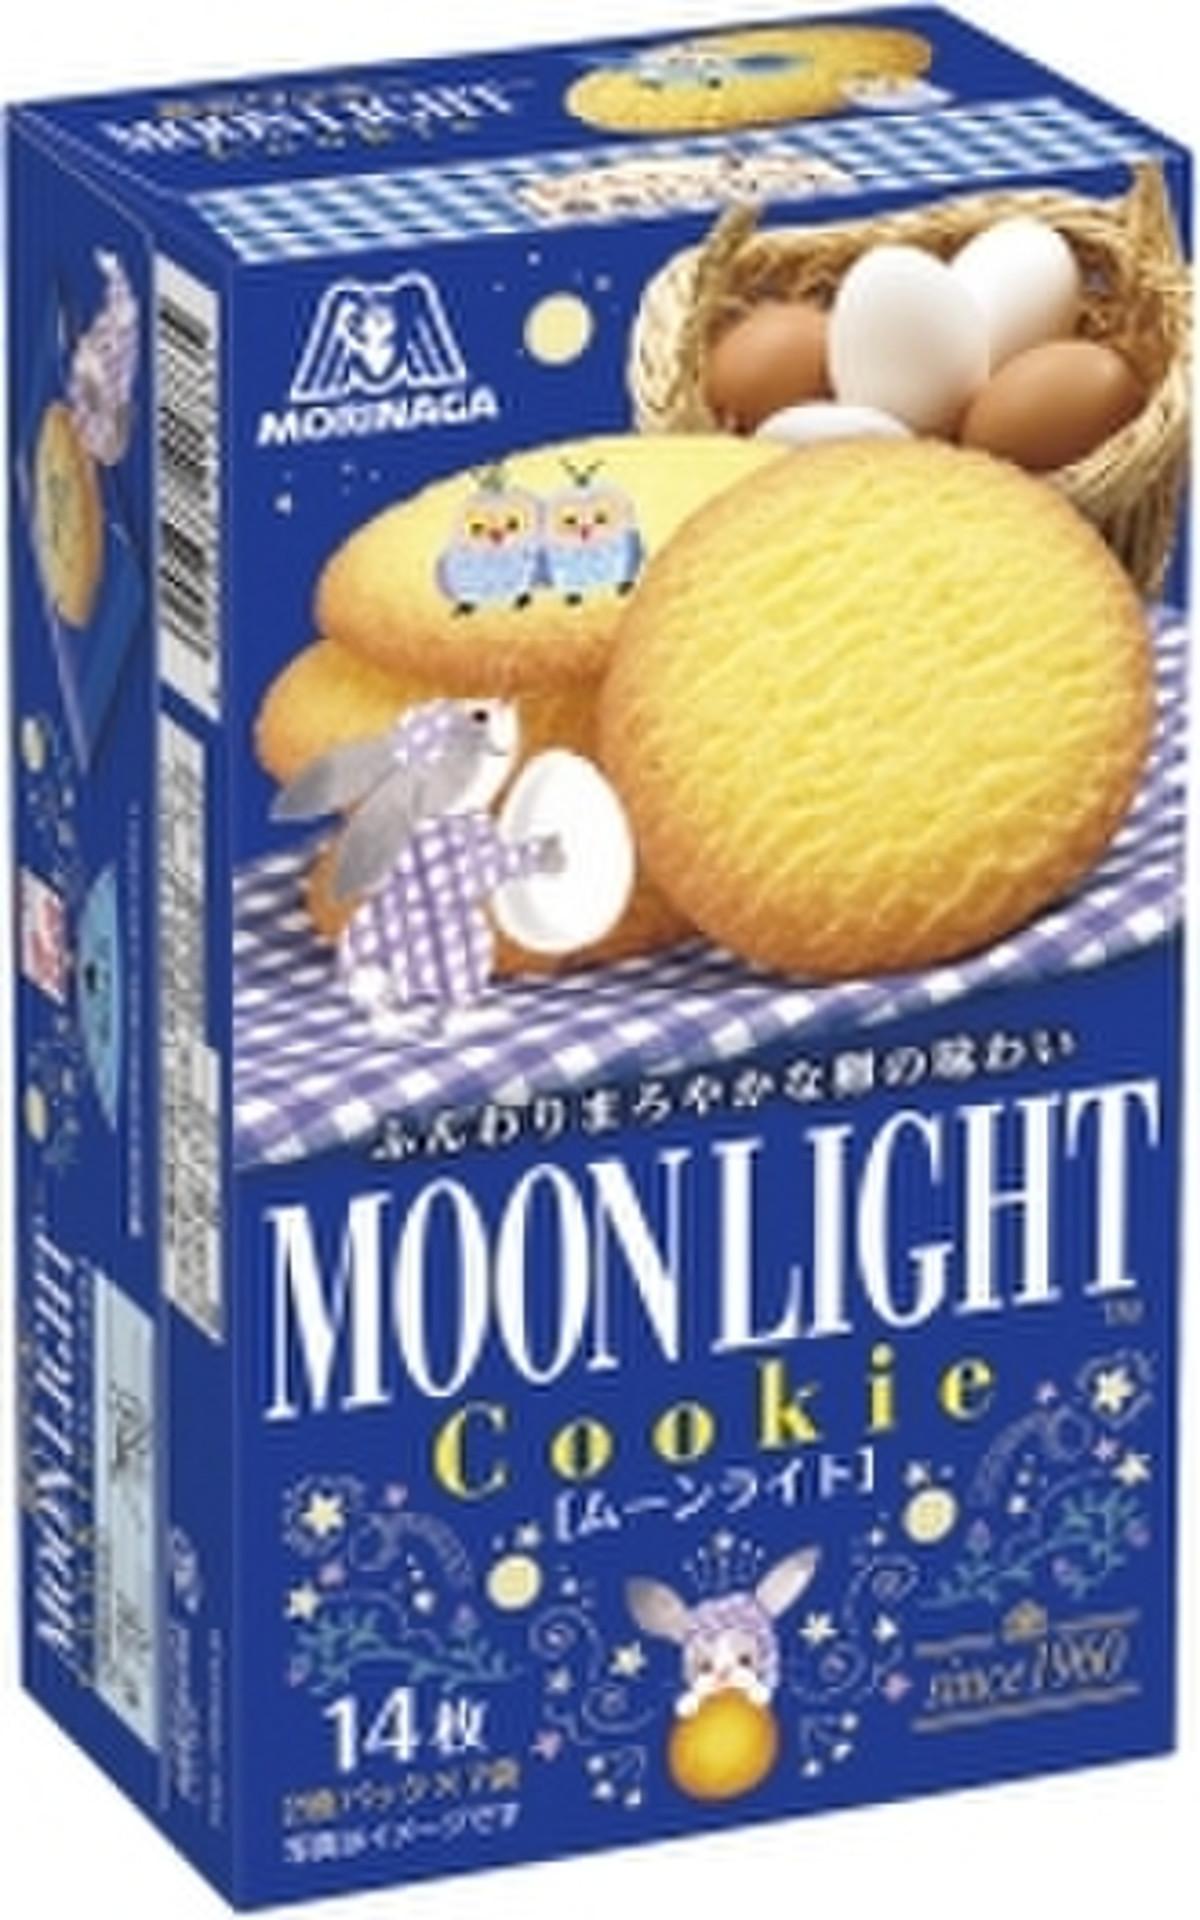 クッキー ムーン ライト